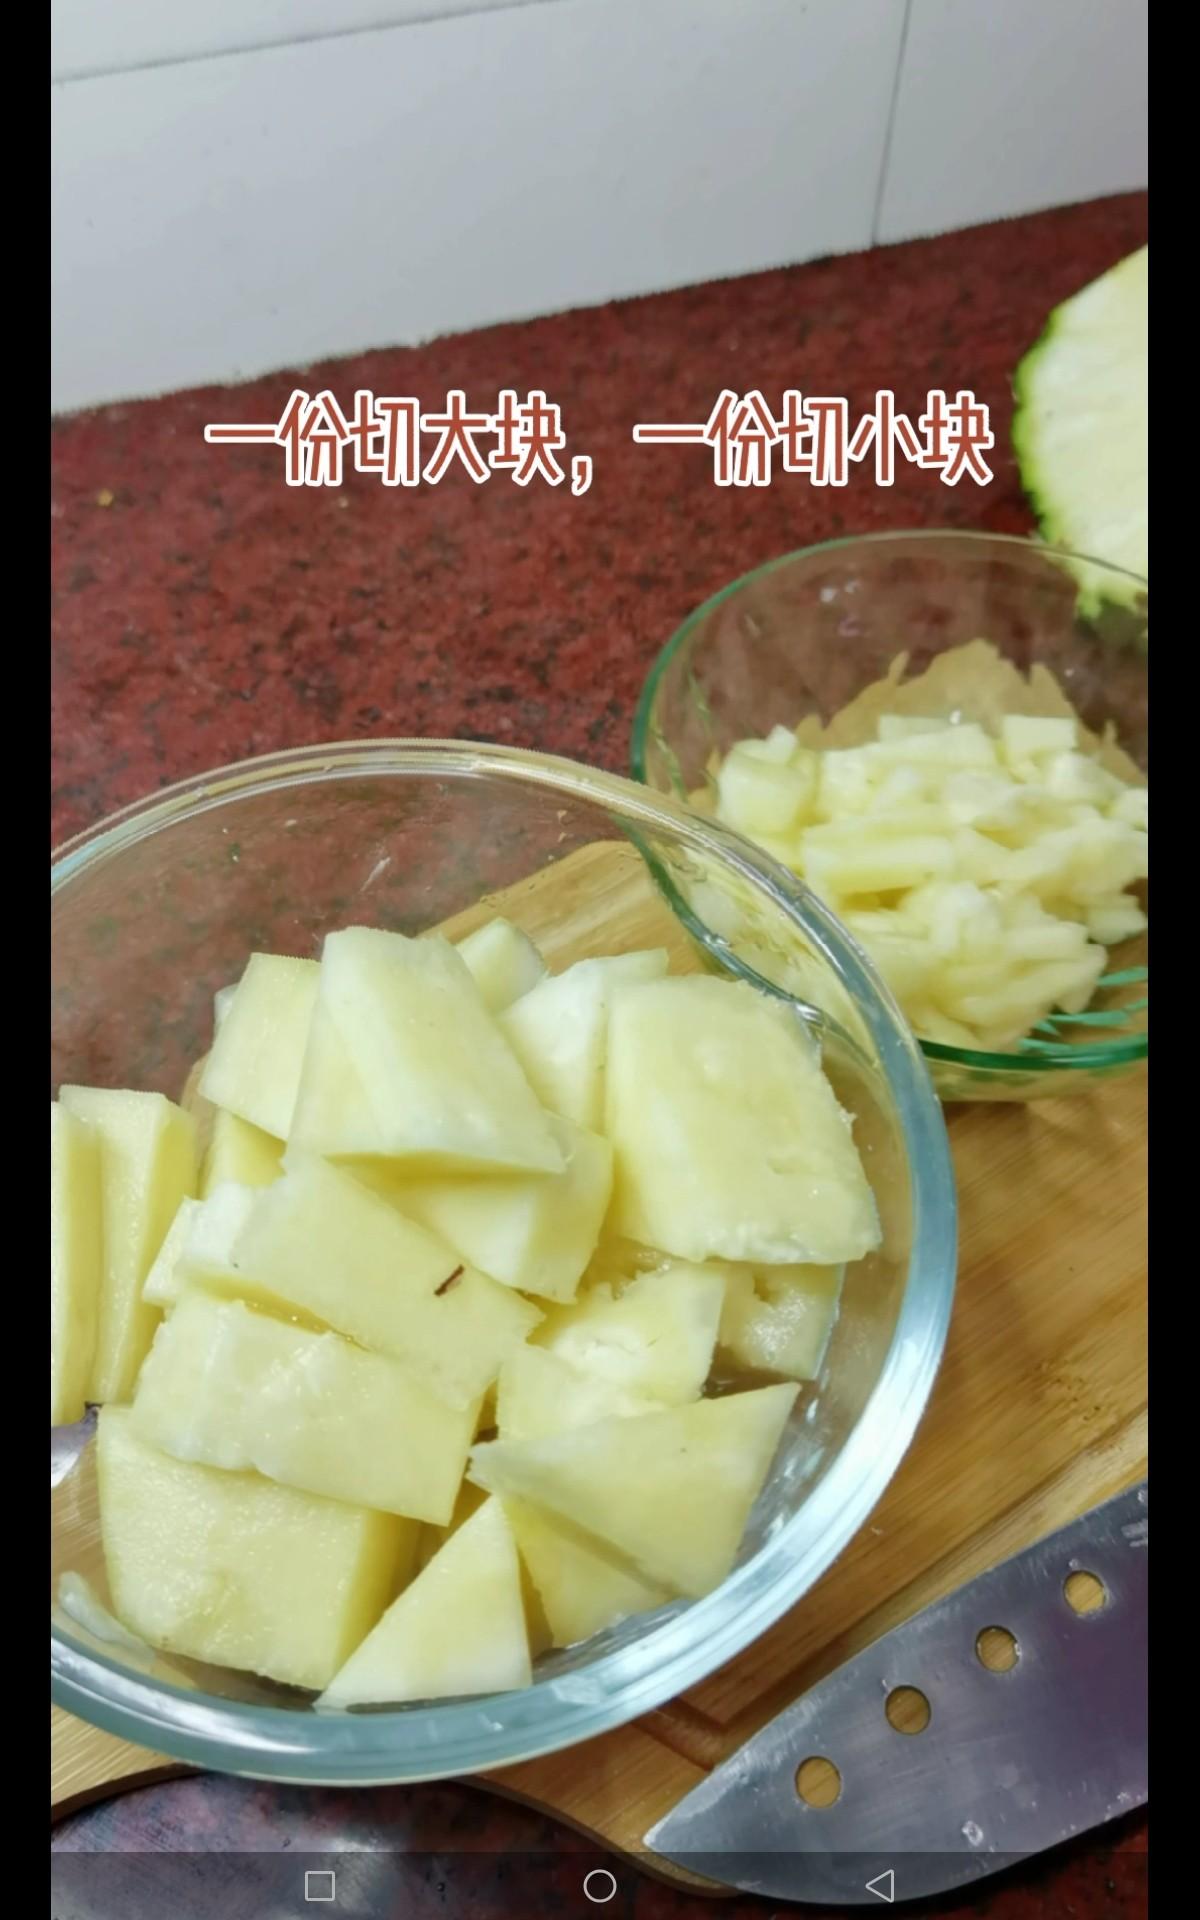 菠萝冰棍的做法图解